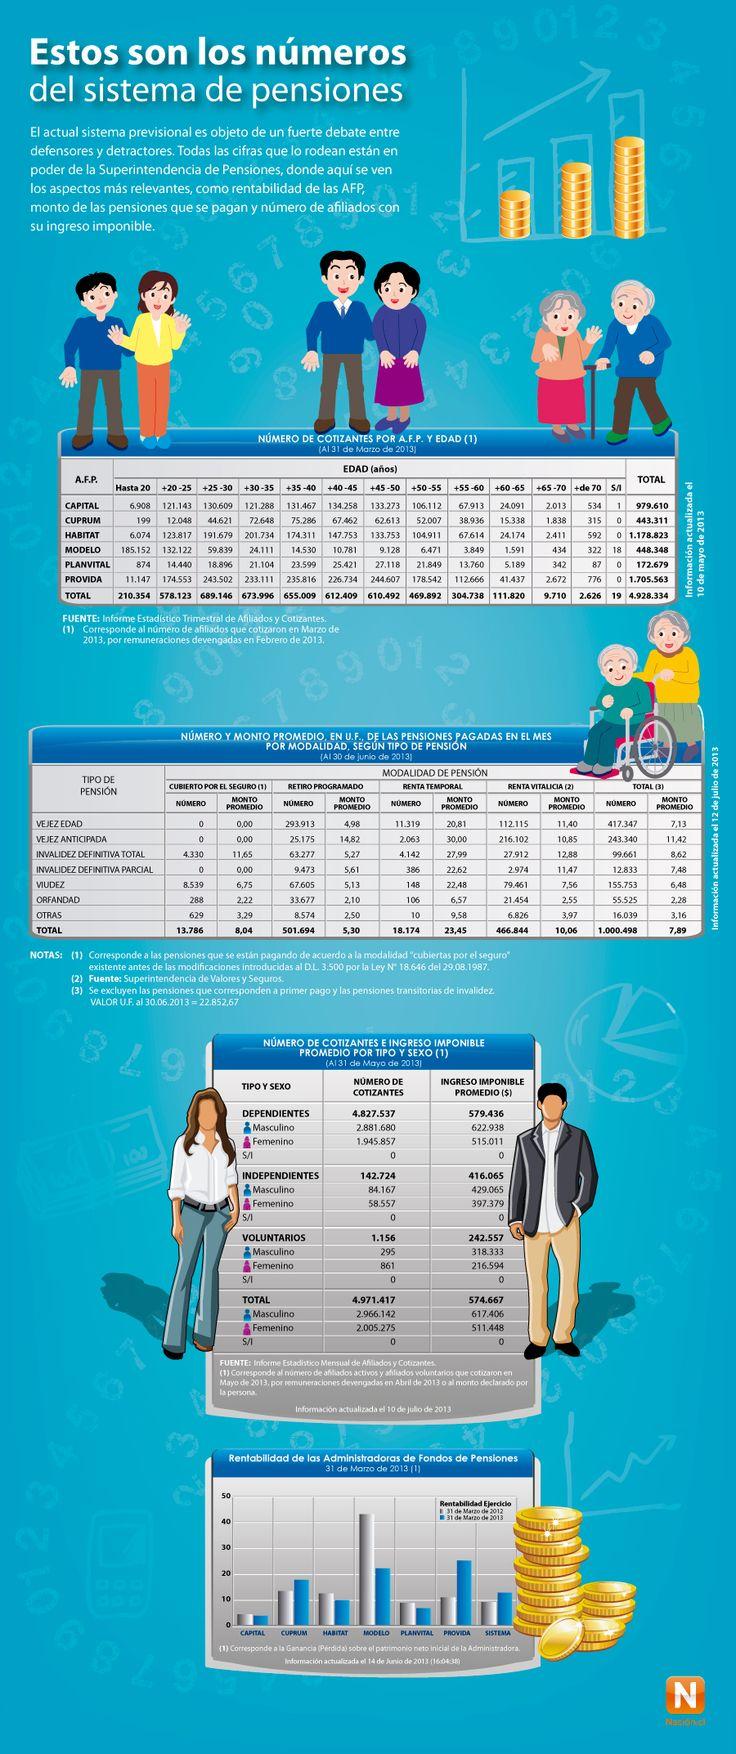 Éstos son los números del sistema de pensiones AFP